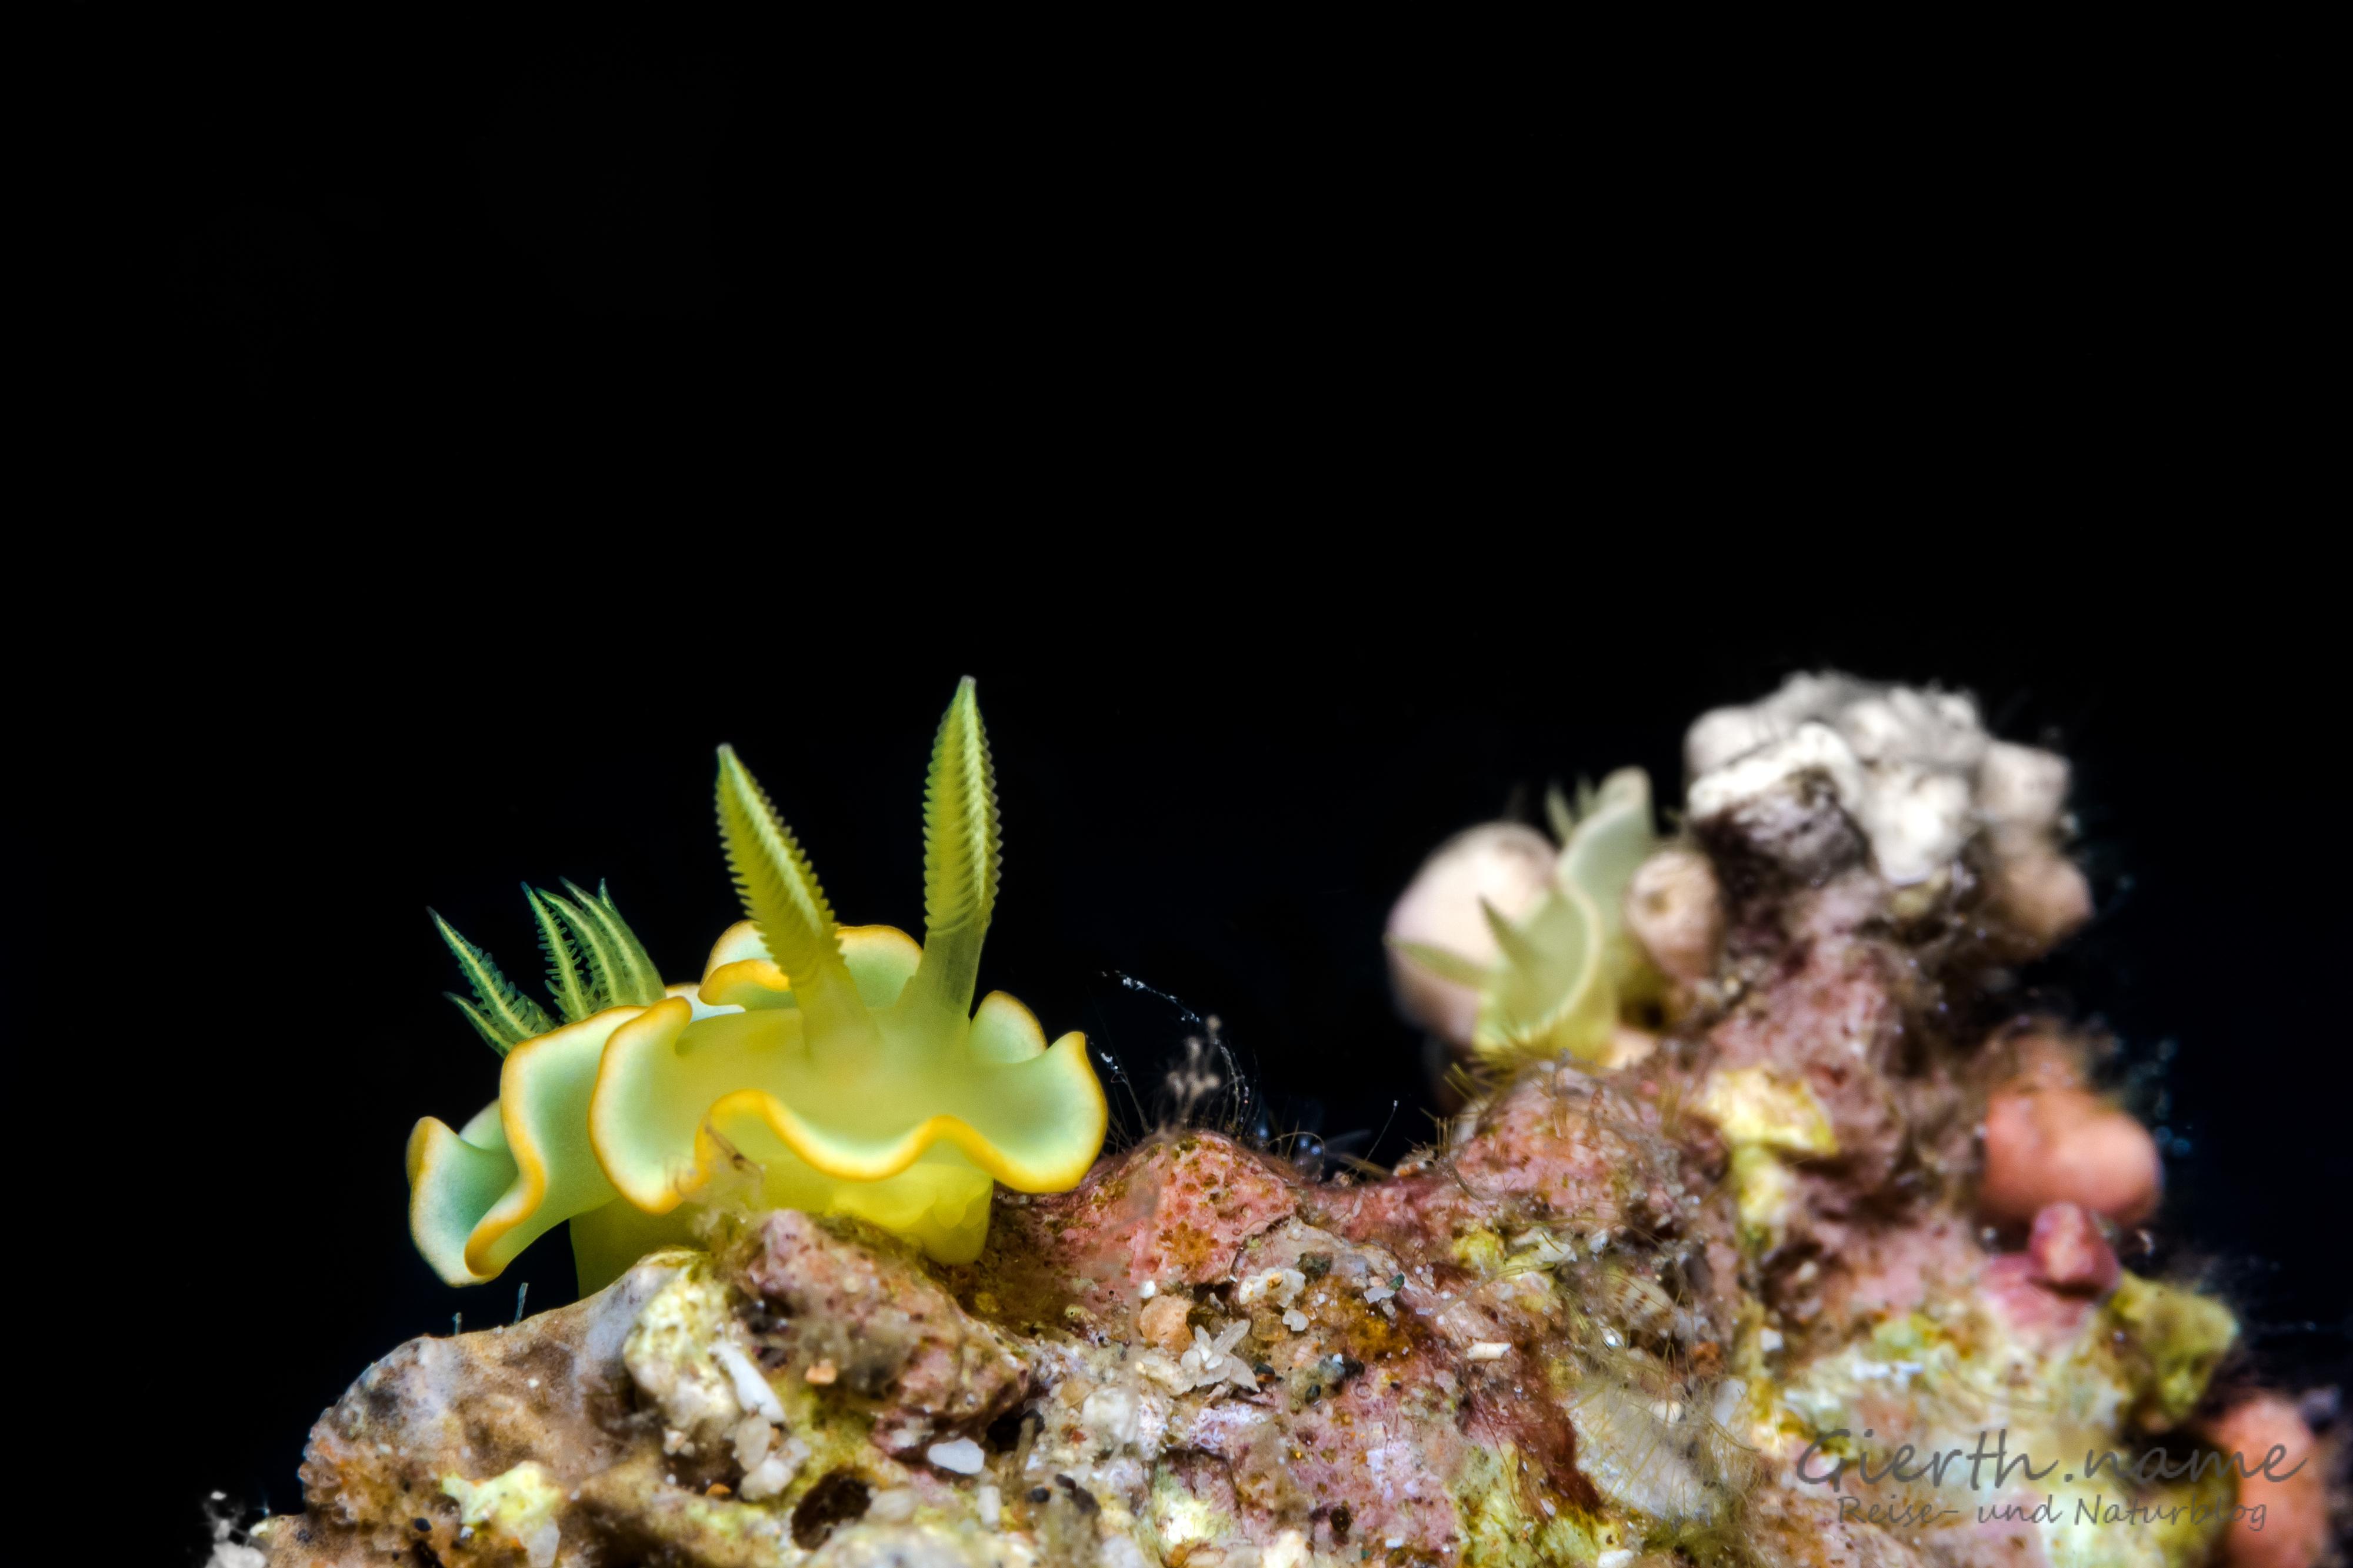 Diversidoriscrocea früher Noumea crocea